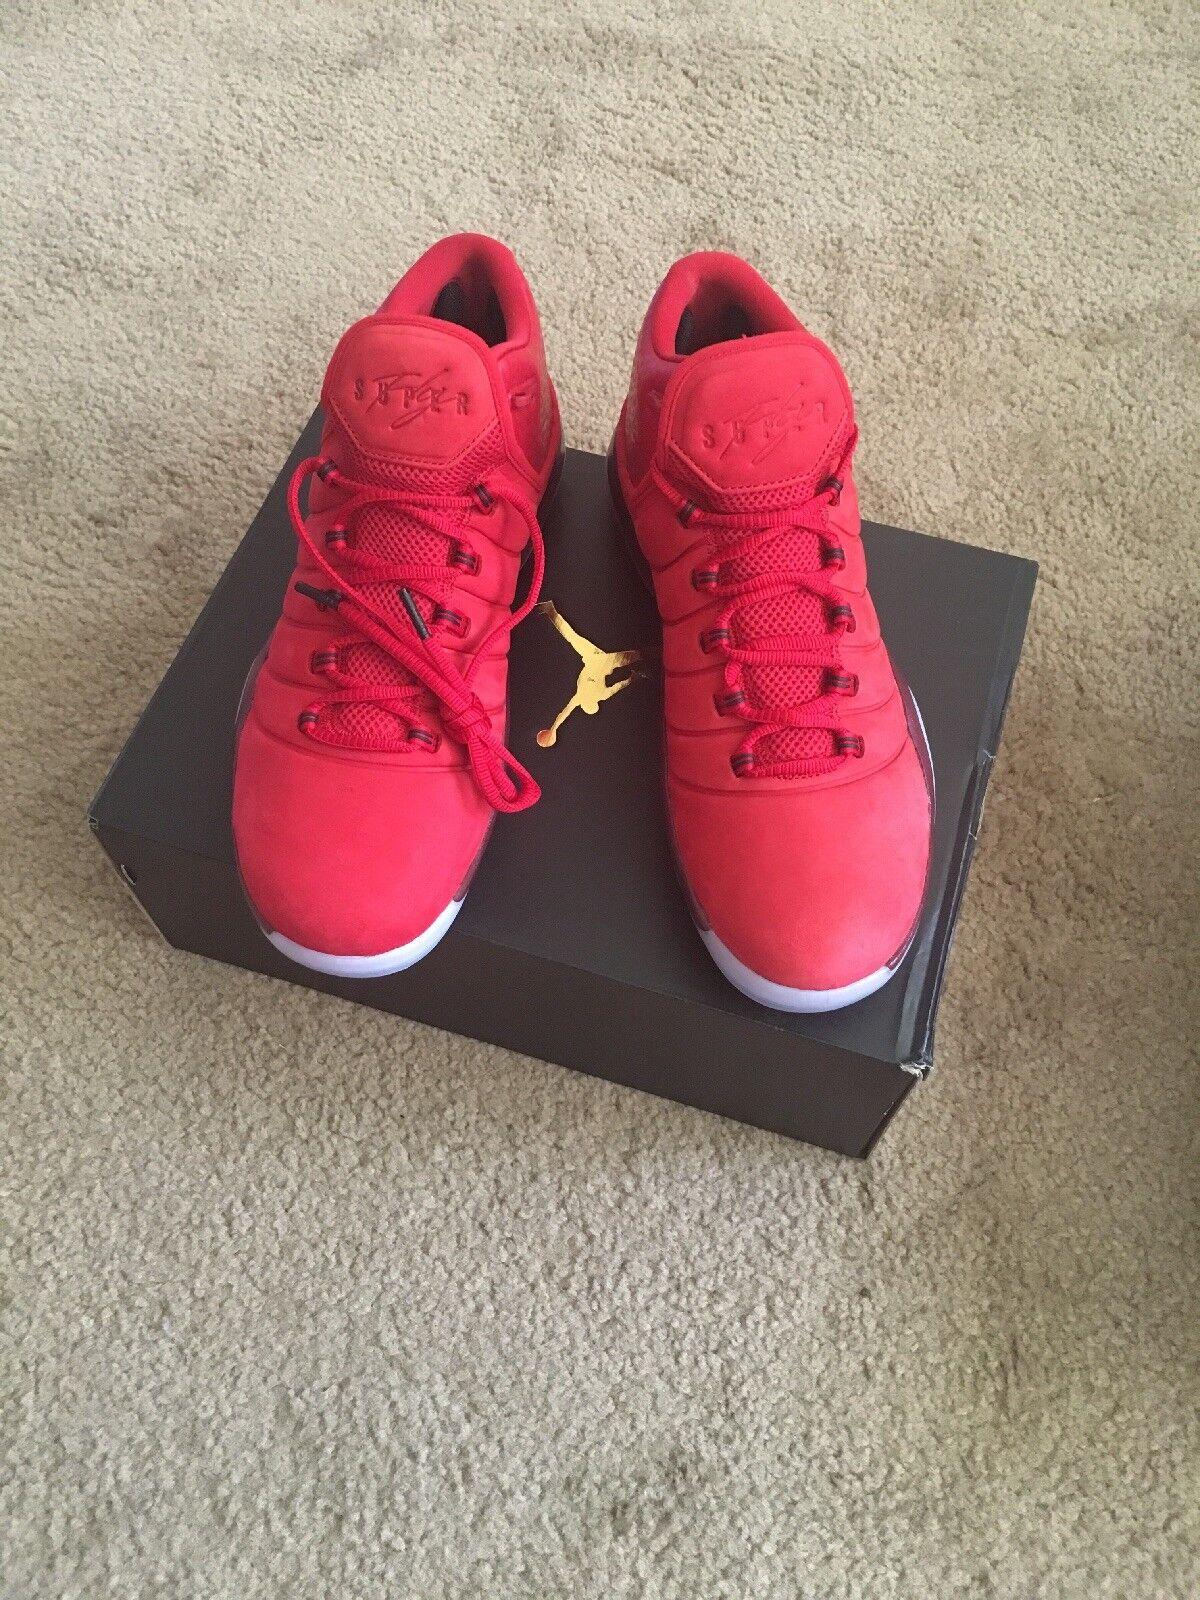 Men Air Jordan Super.Fly 2017 Gym rosso rosso rosso nero 921203-601 23c6c7